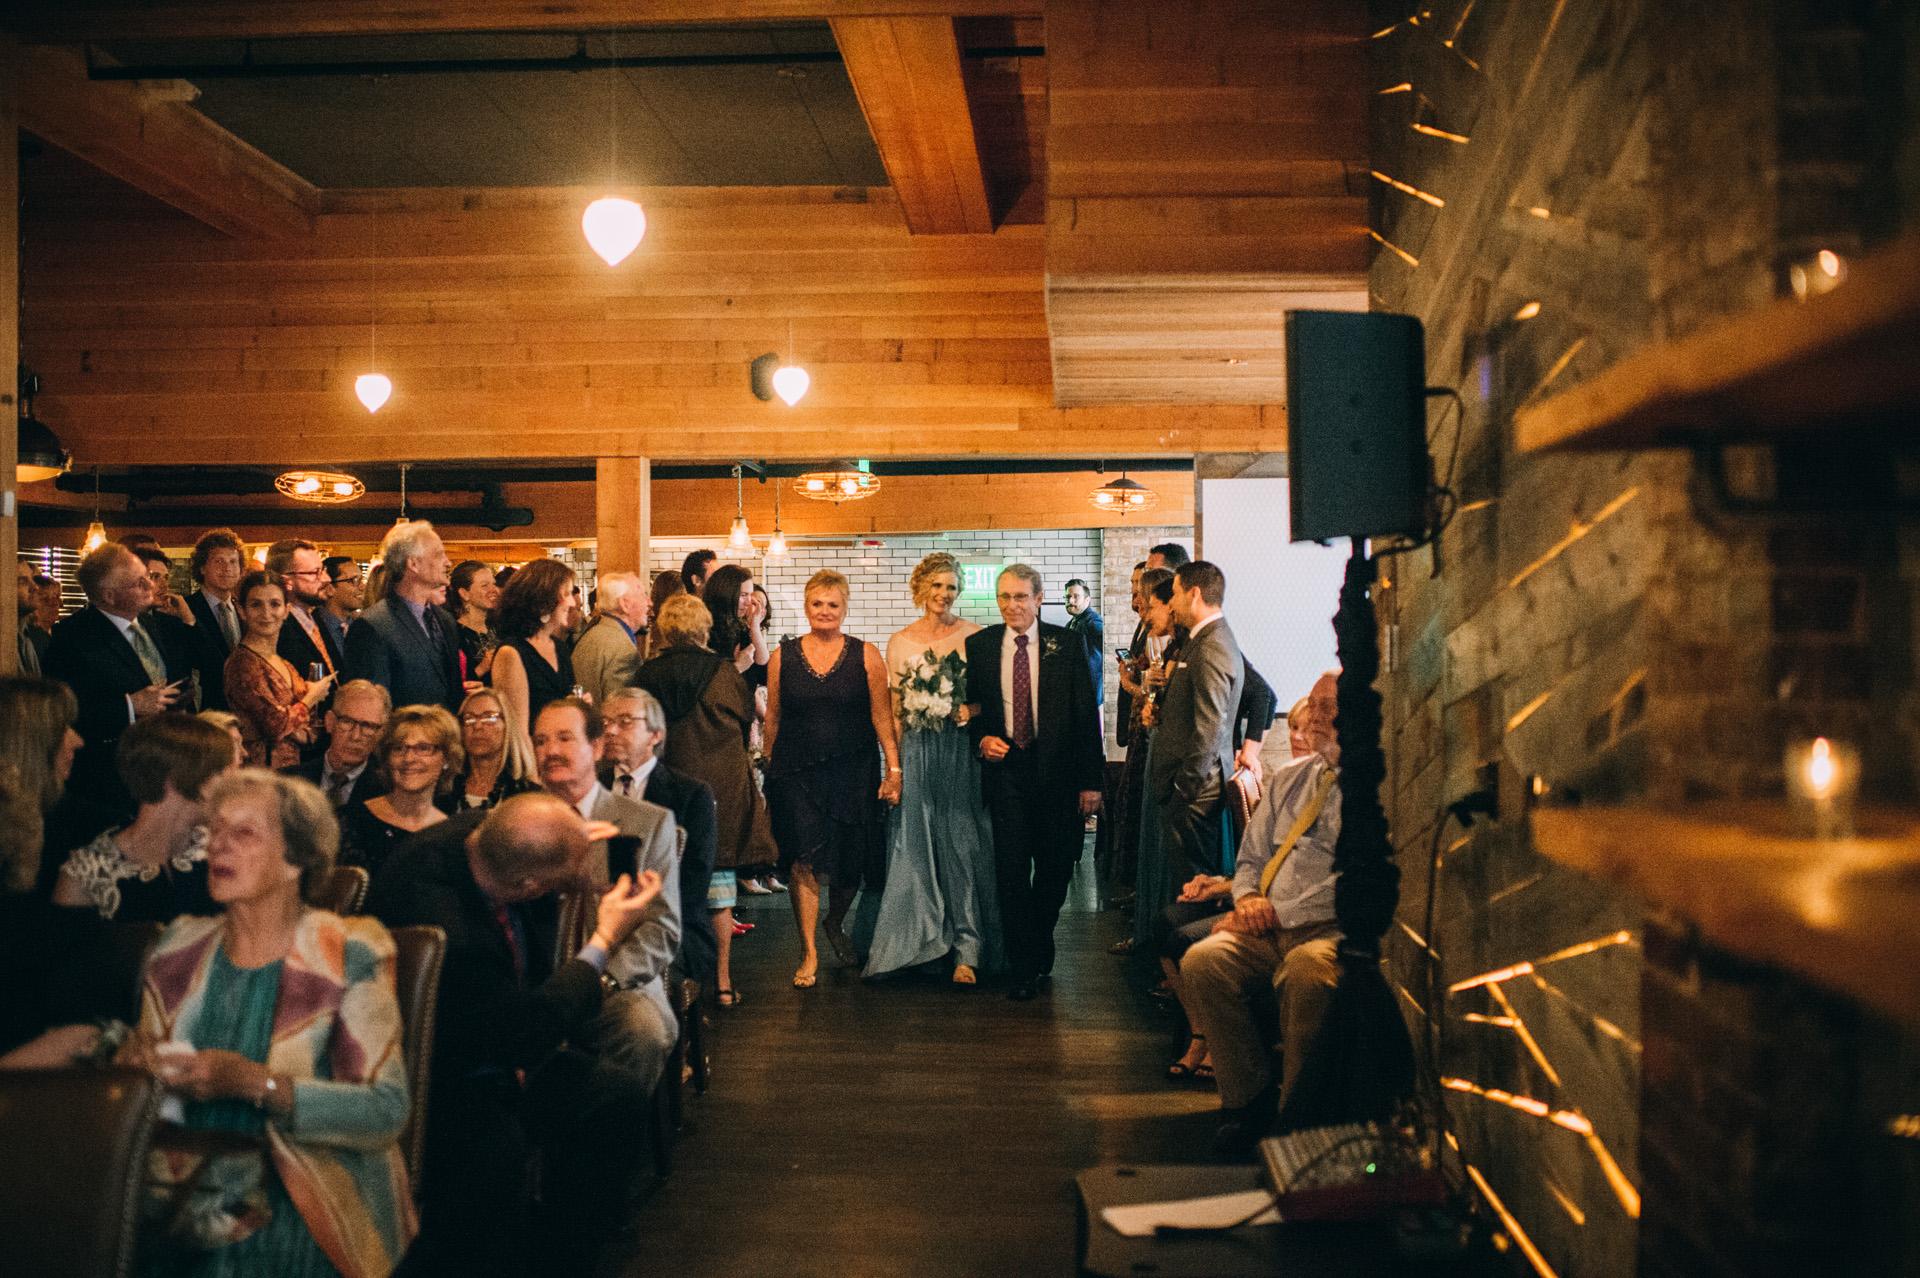 alden-harlow-wedding-photographer-40